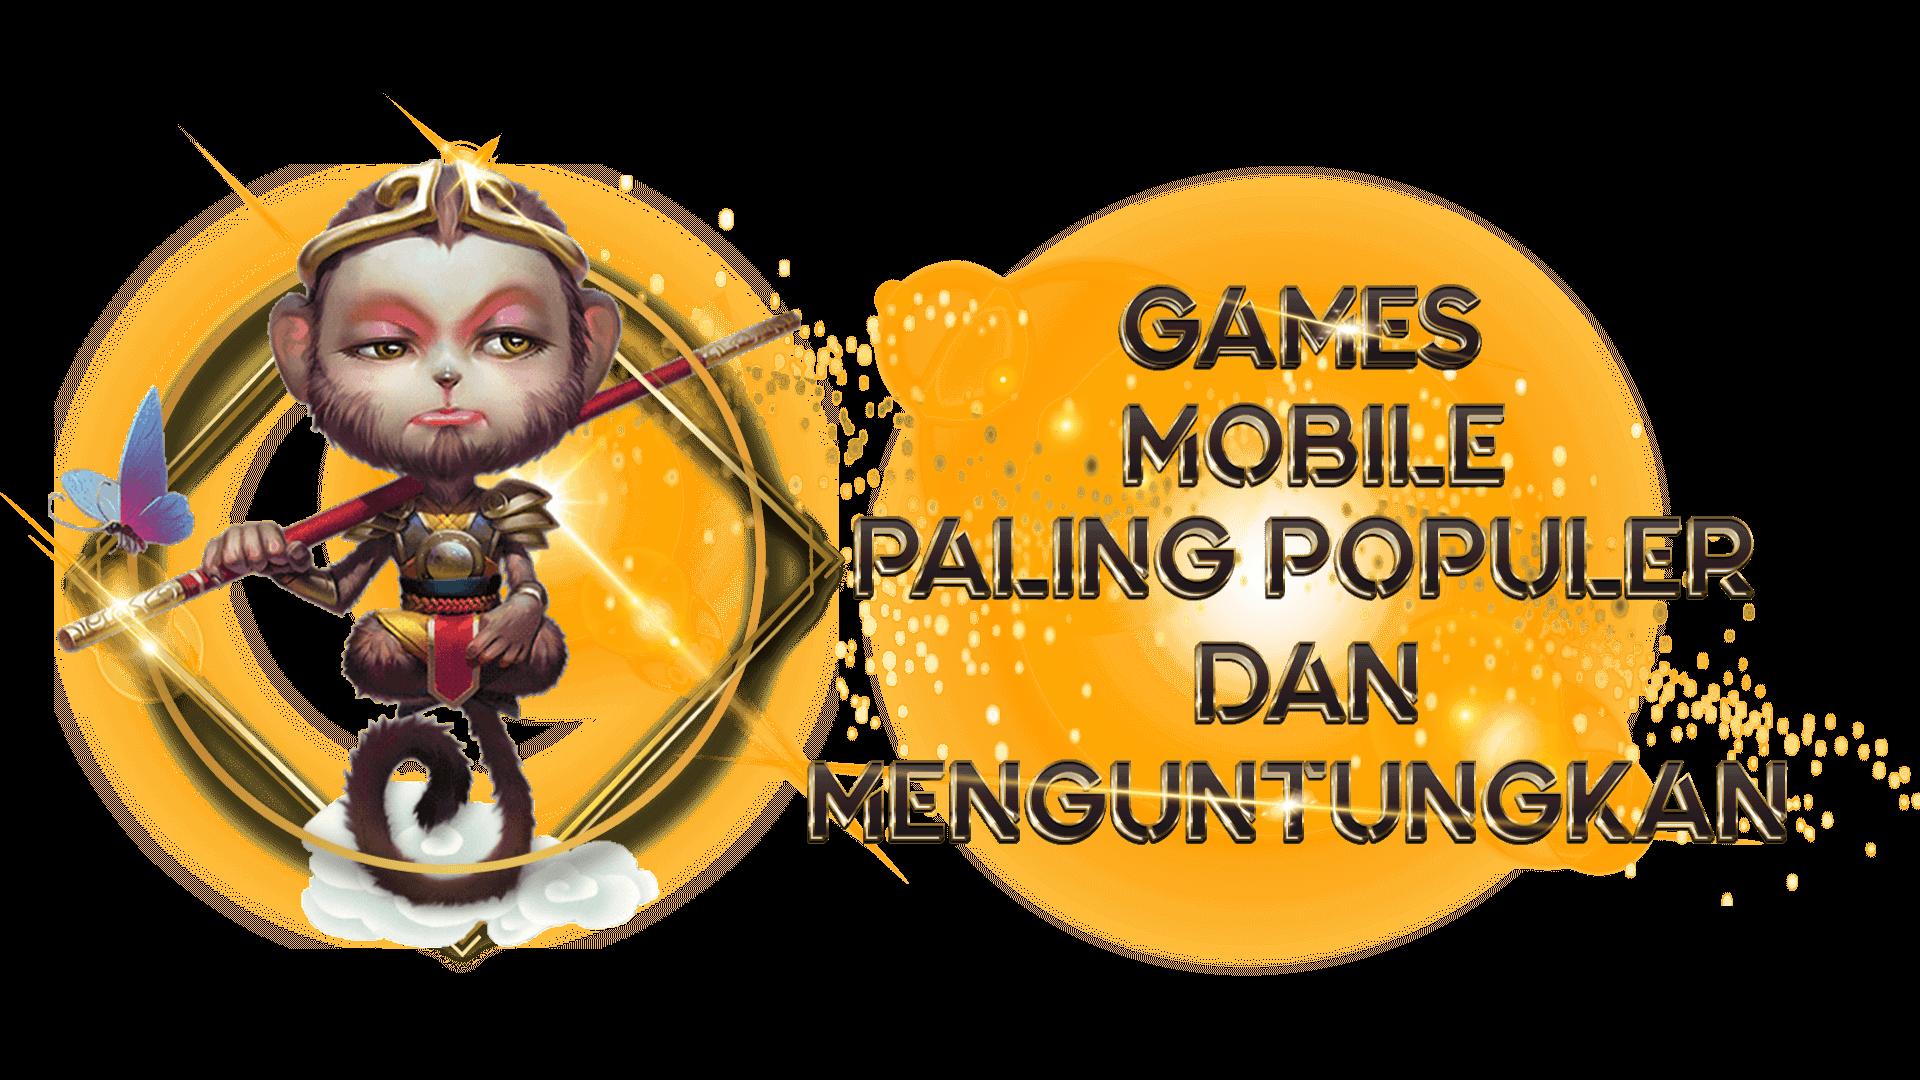 Games Mobile Paling Populer dan Menguntungkan